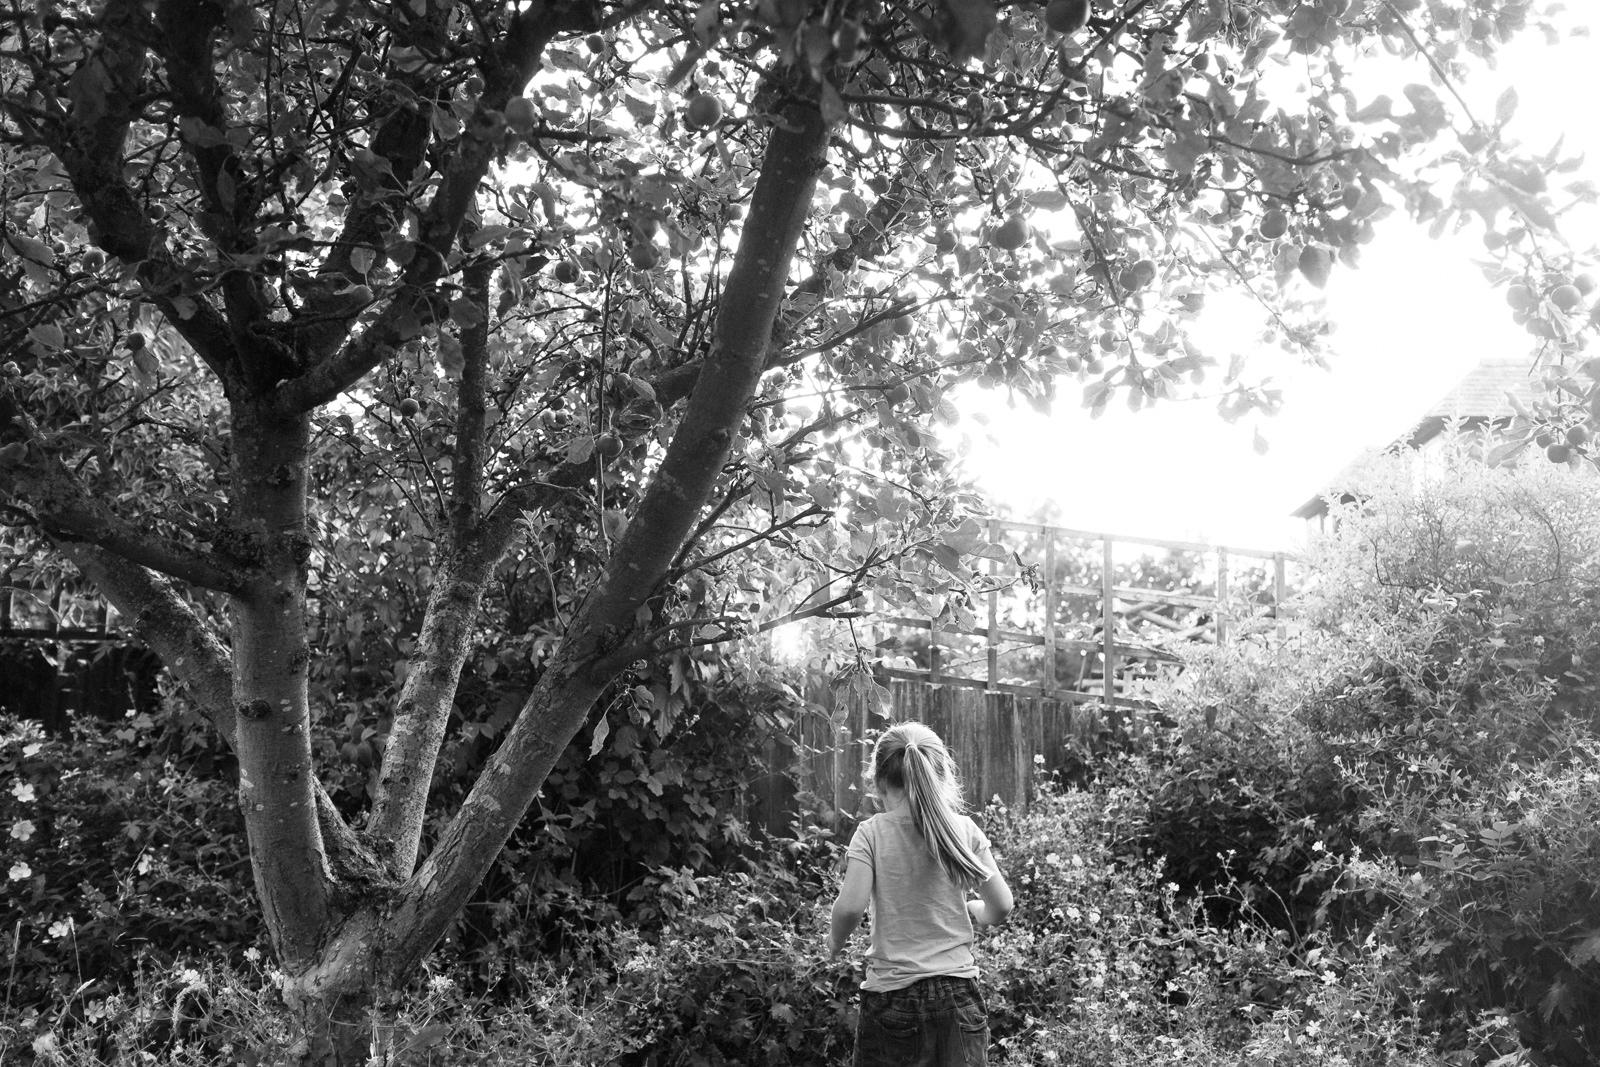 apple-picking-in-the-garden-02.jpg